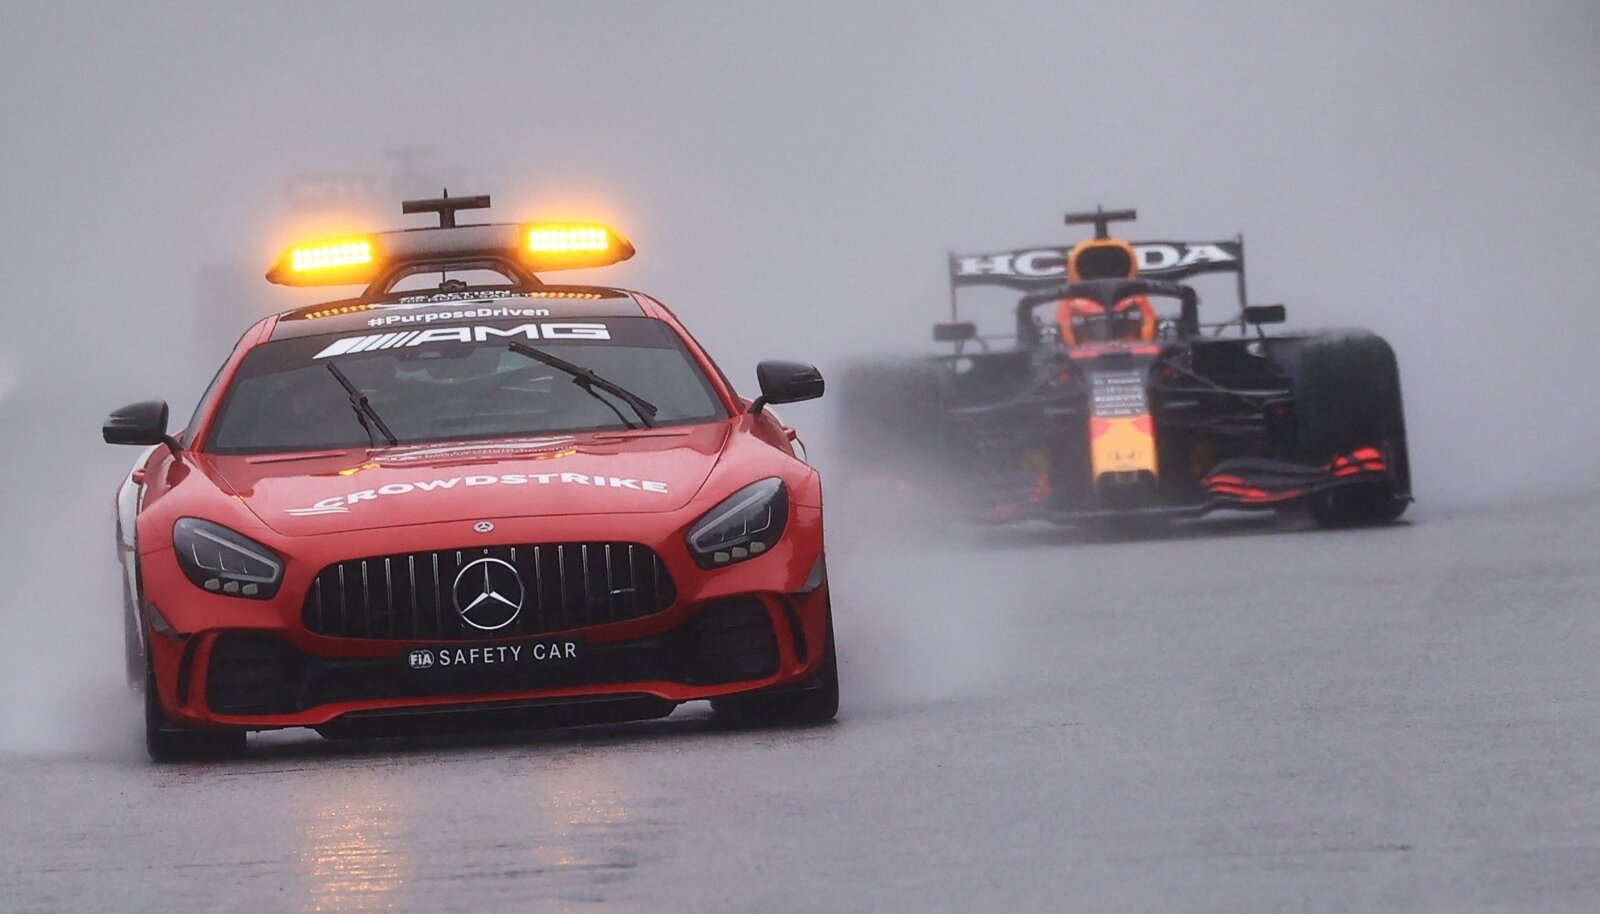 Turvaauto ja Max Verstappen